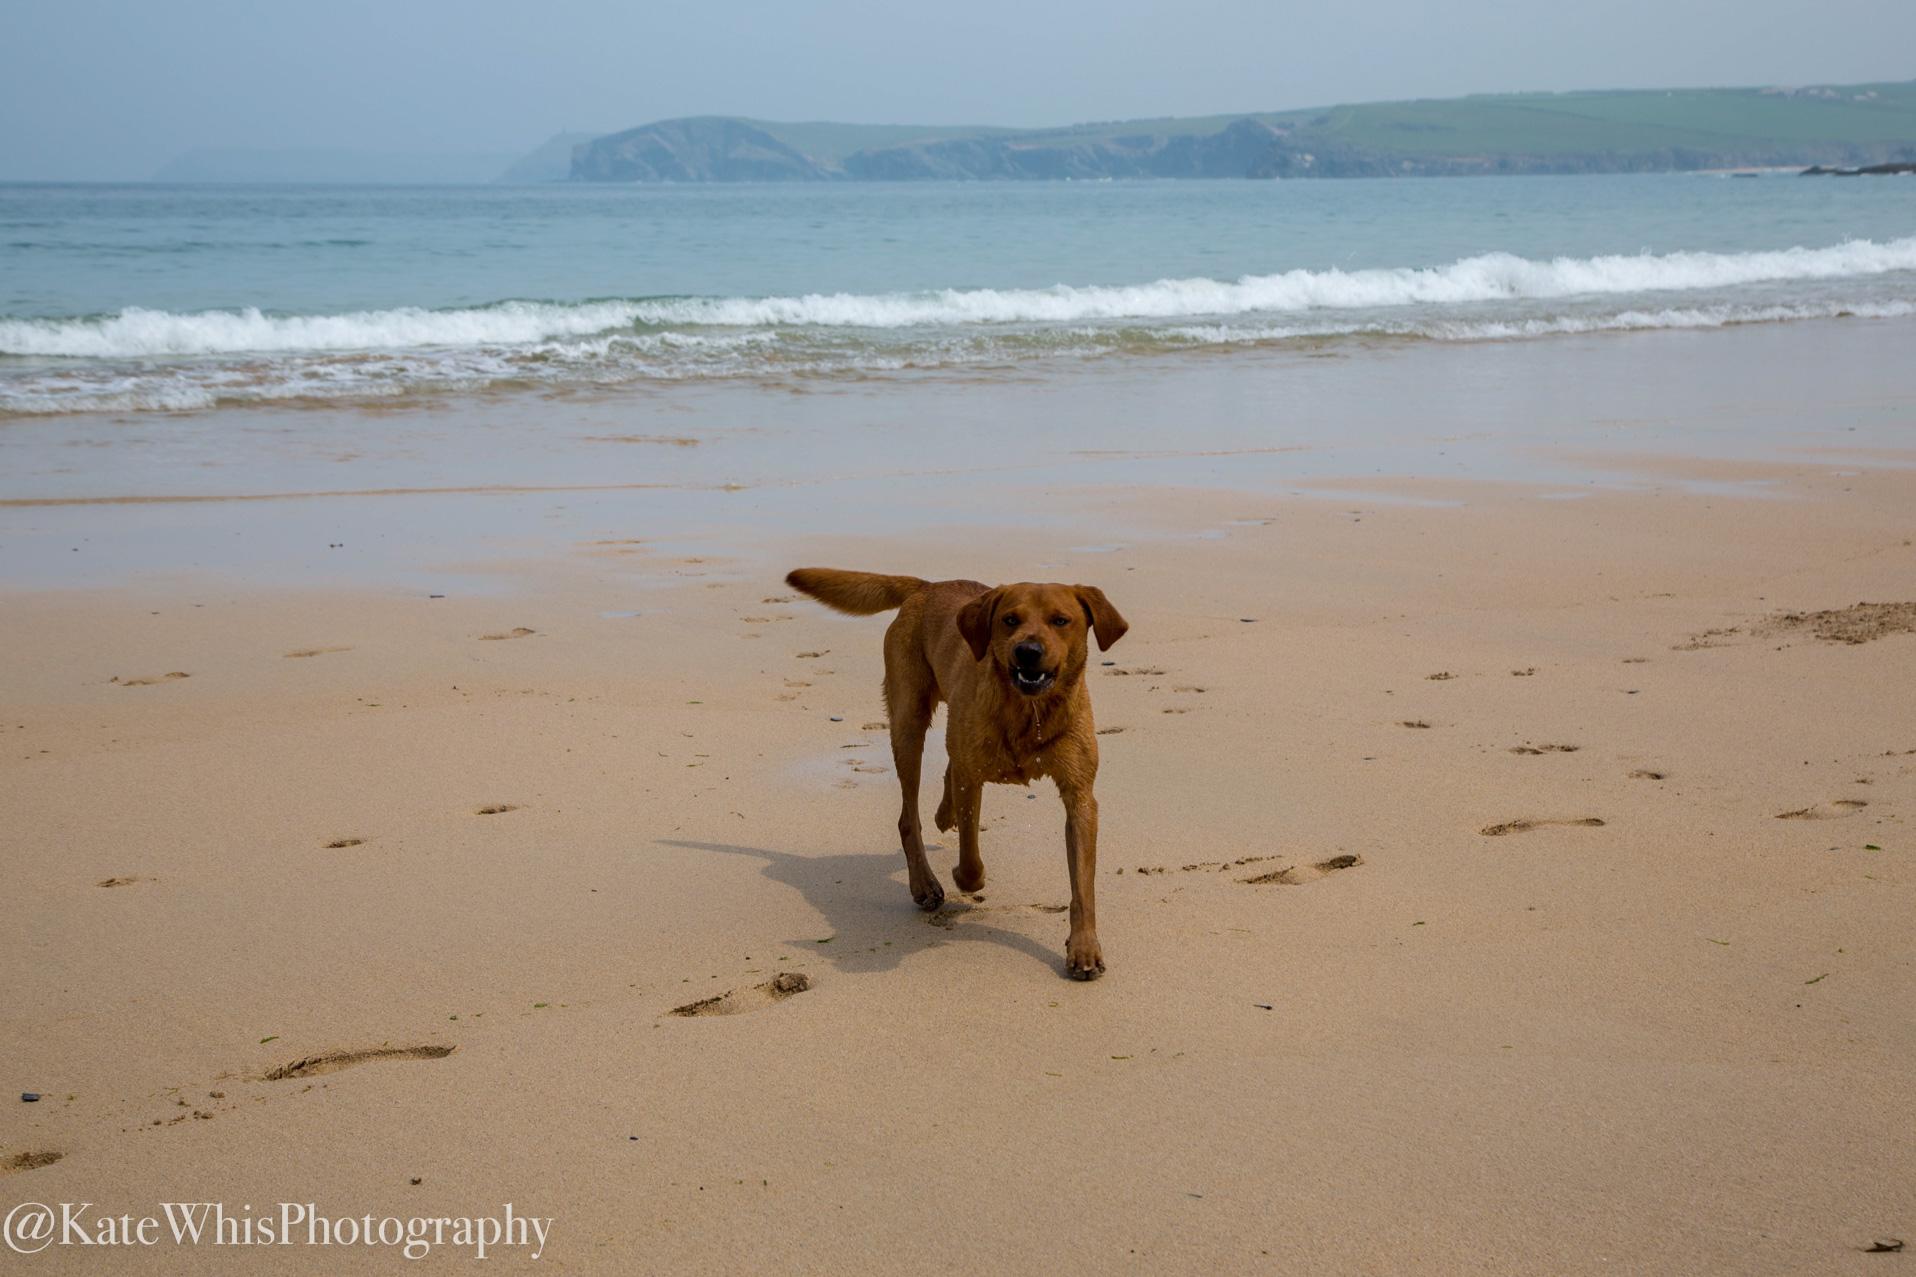 Dog on the beach at Harlyn Bay